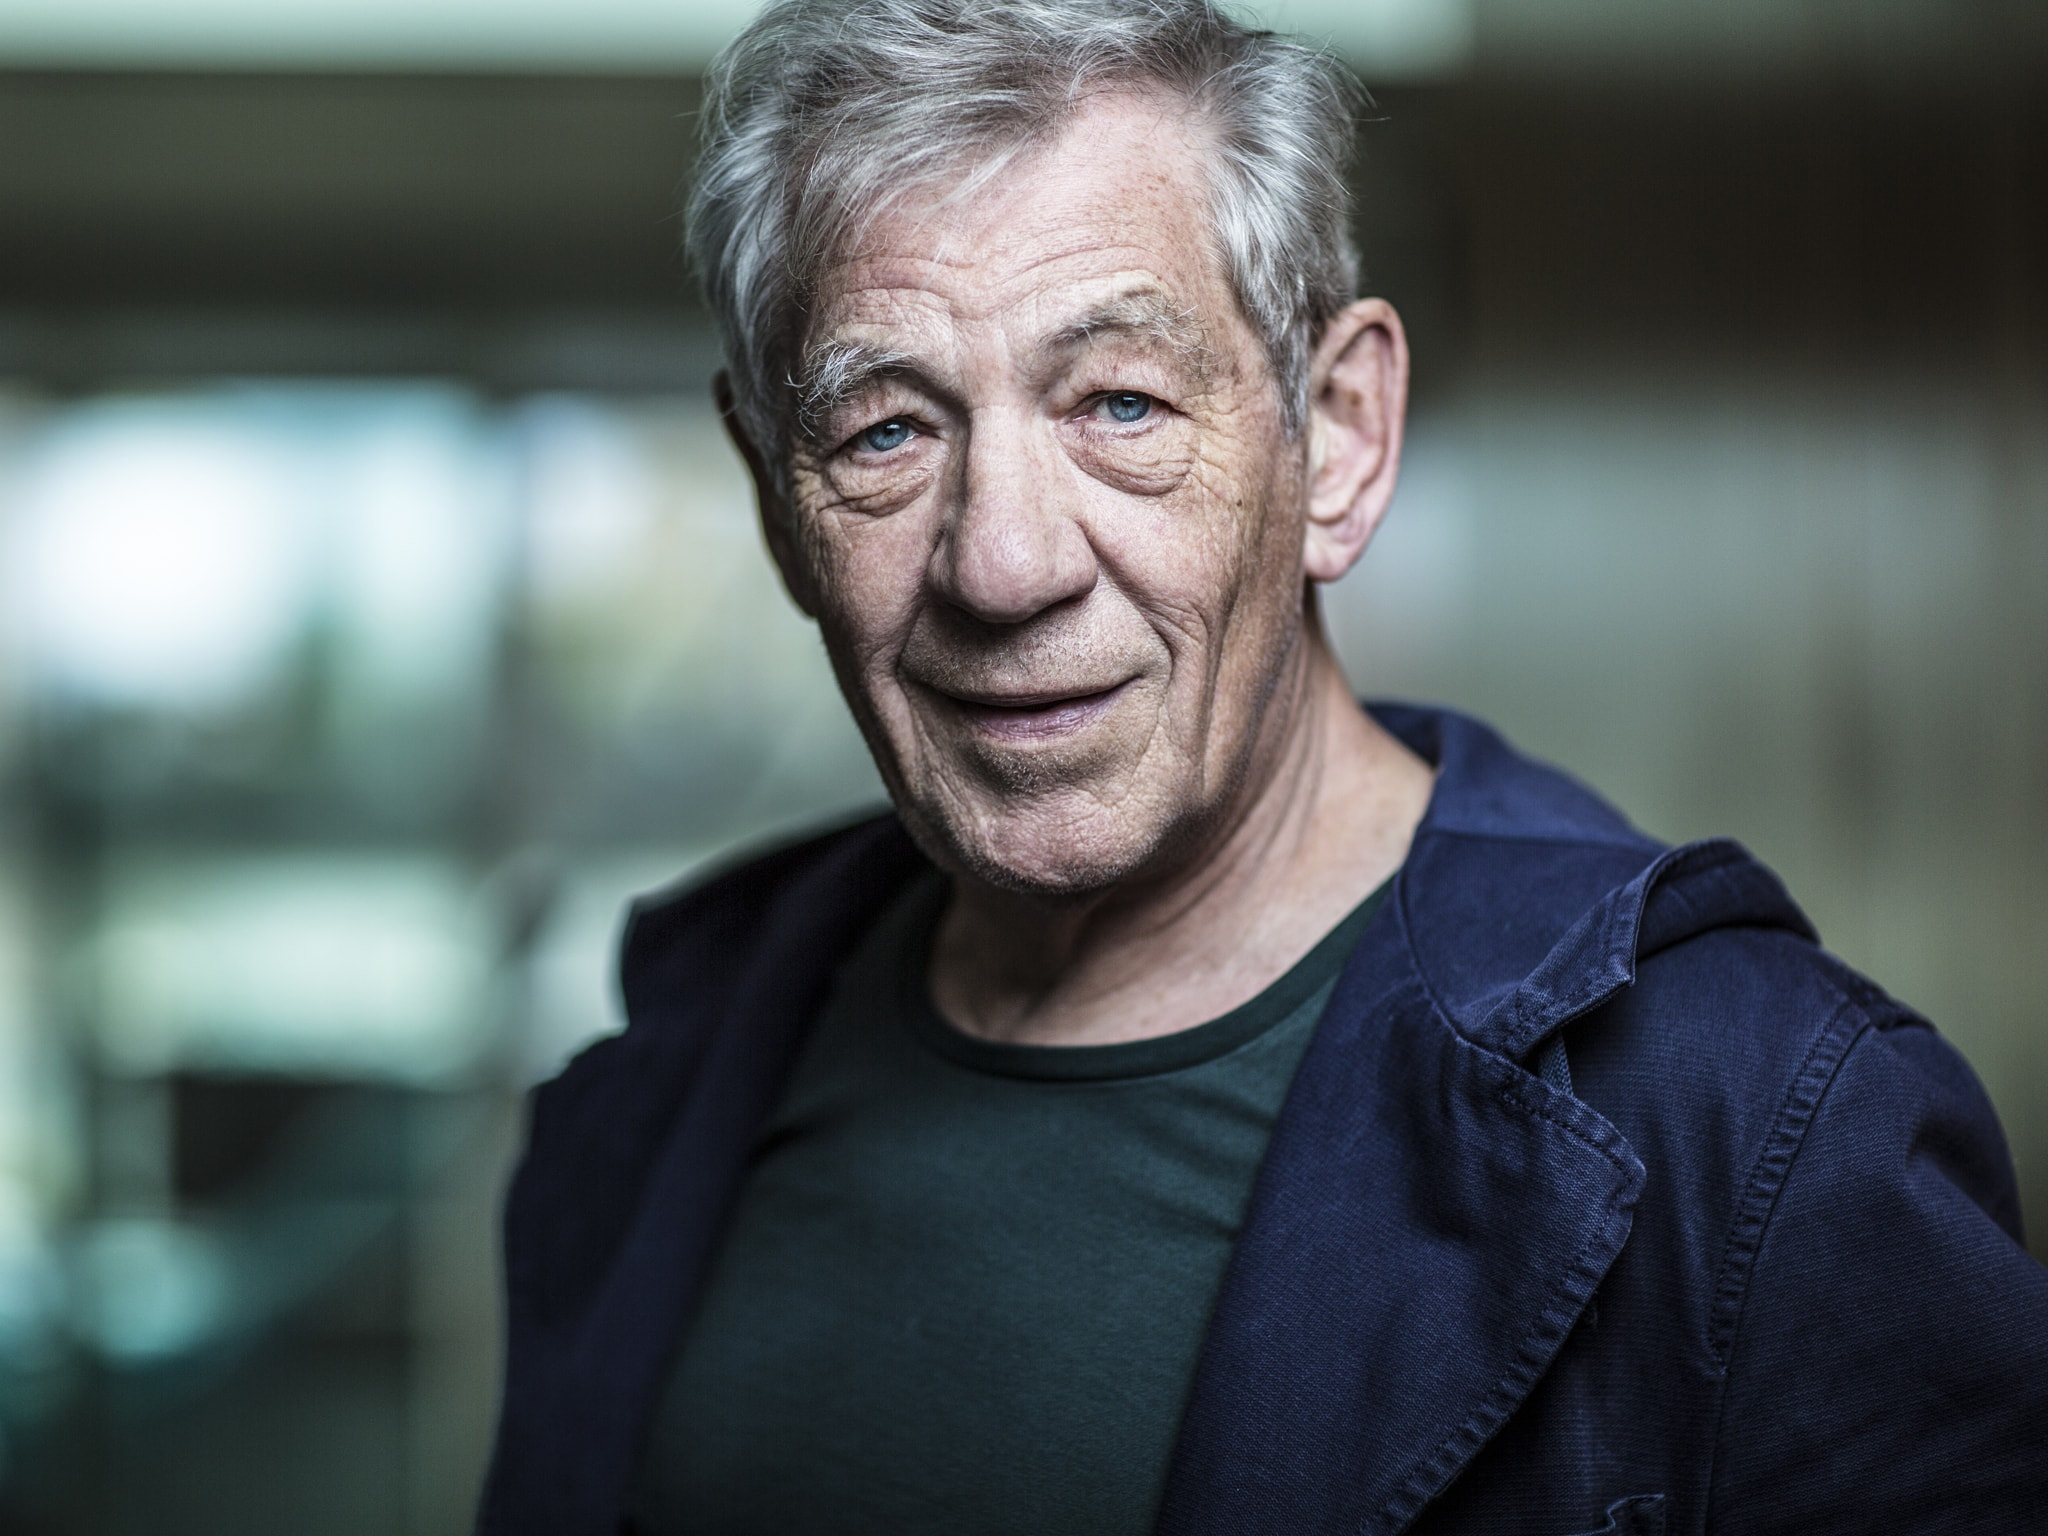 photo Ian McKellen (born 1939)